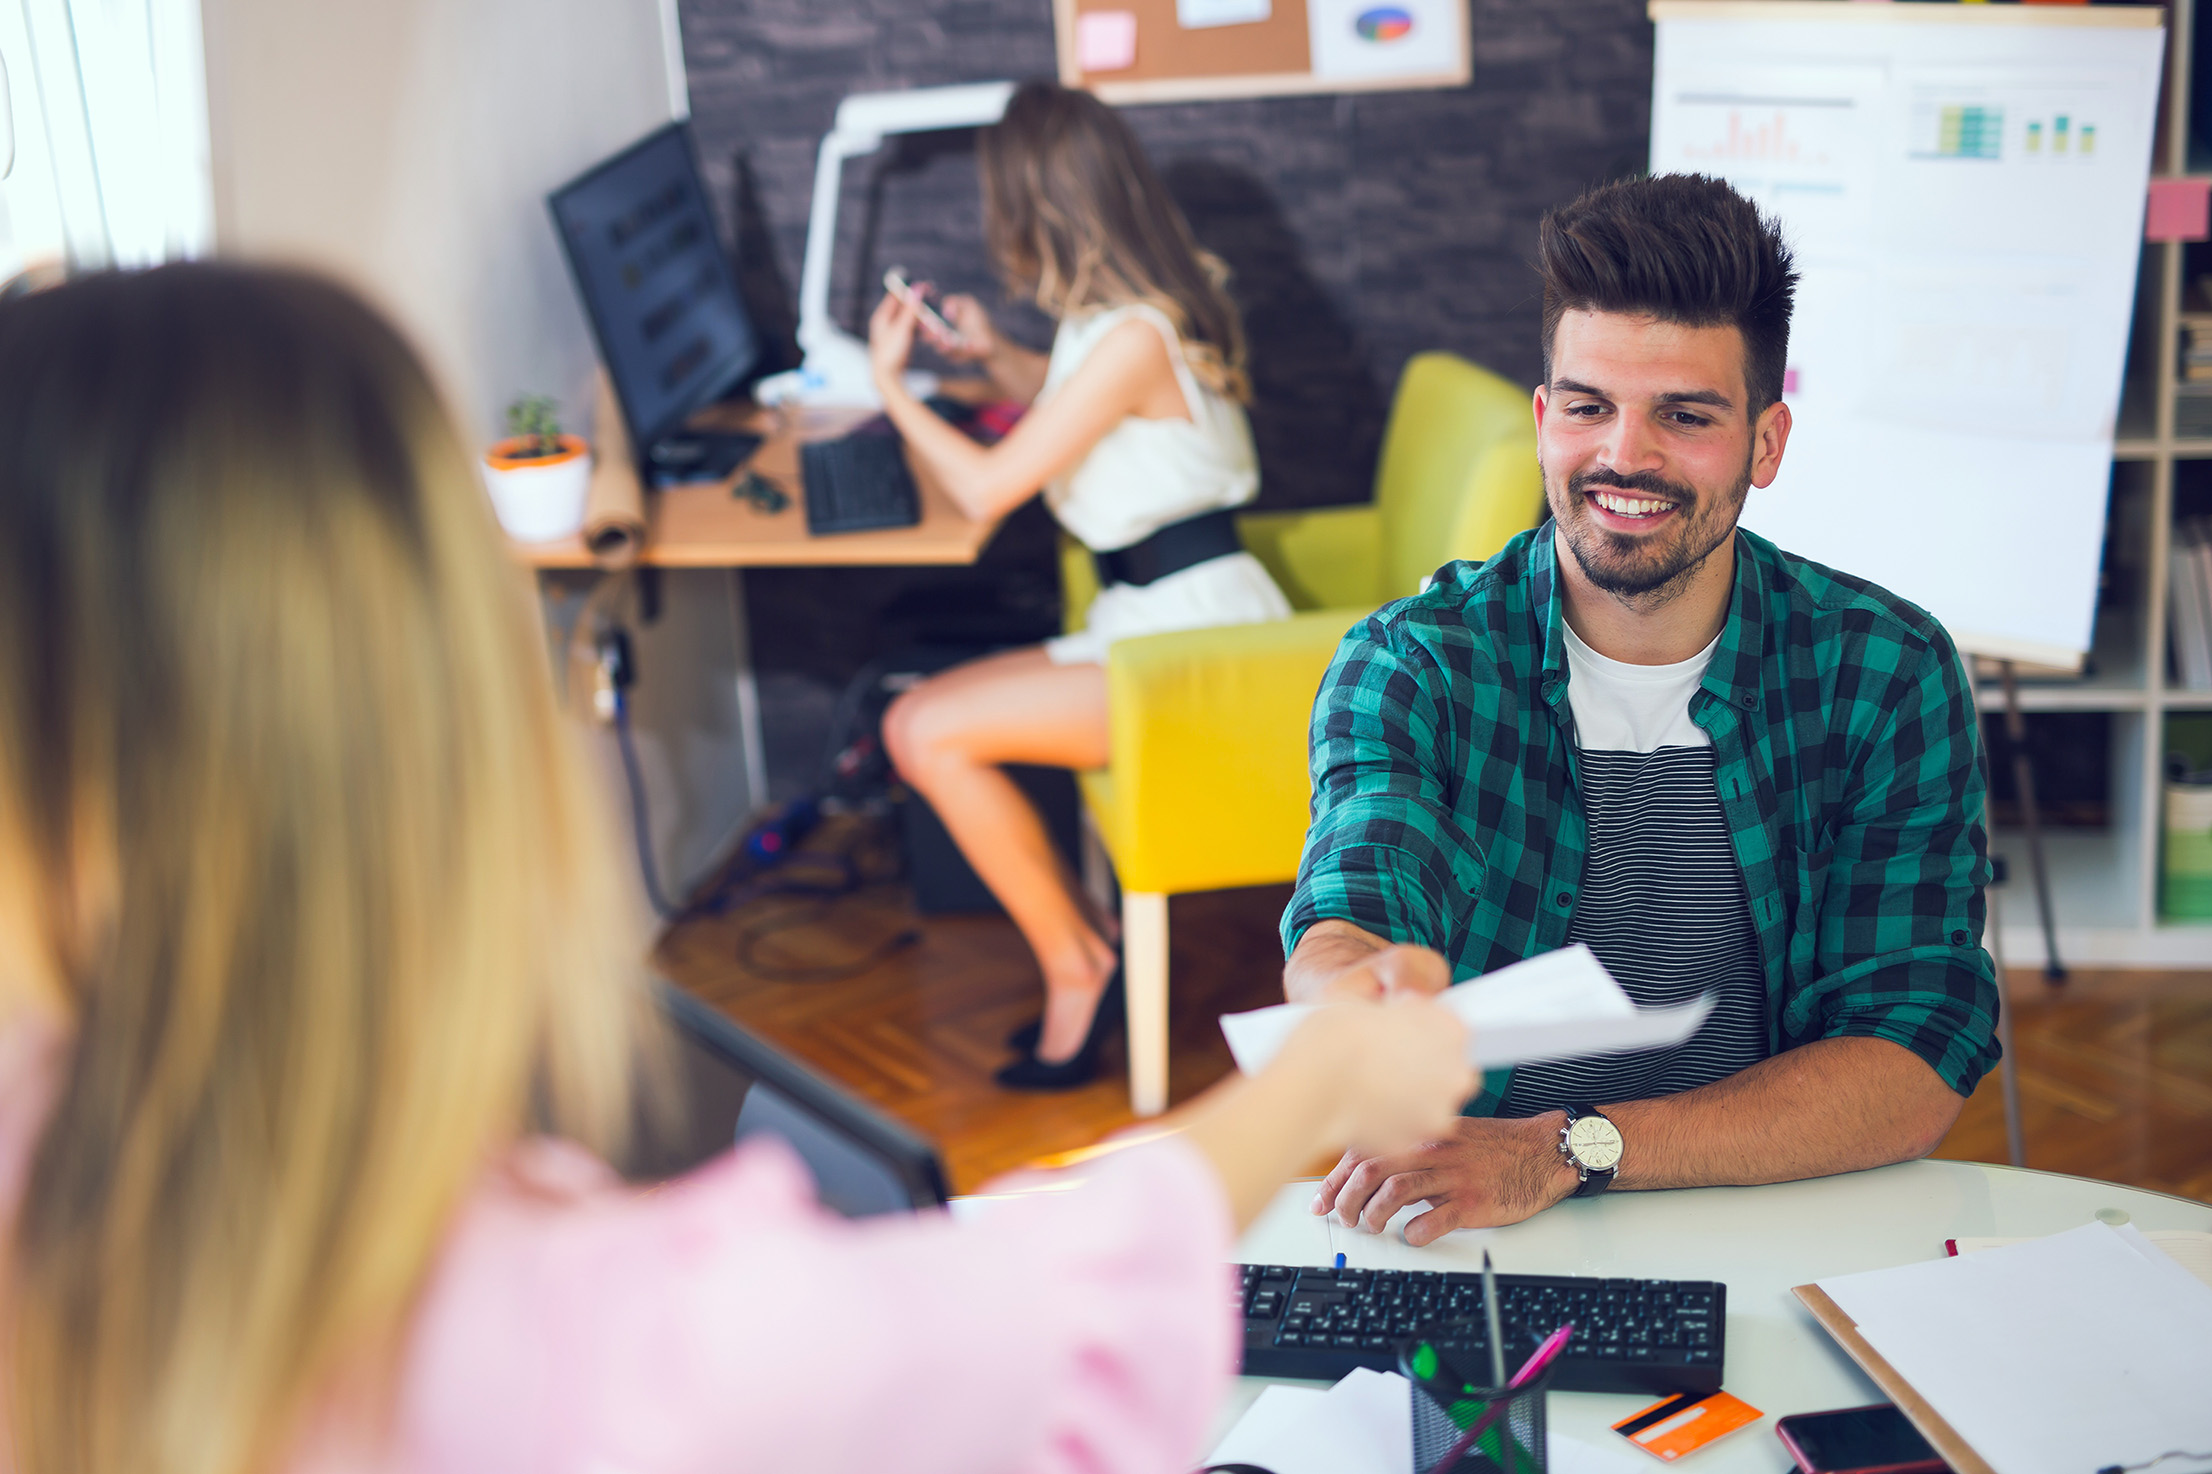 Leasing-ul de personal, o solutie din ce in ce mai cautata pe piata